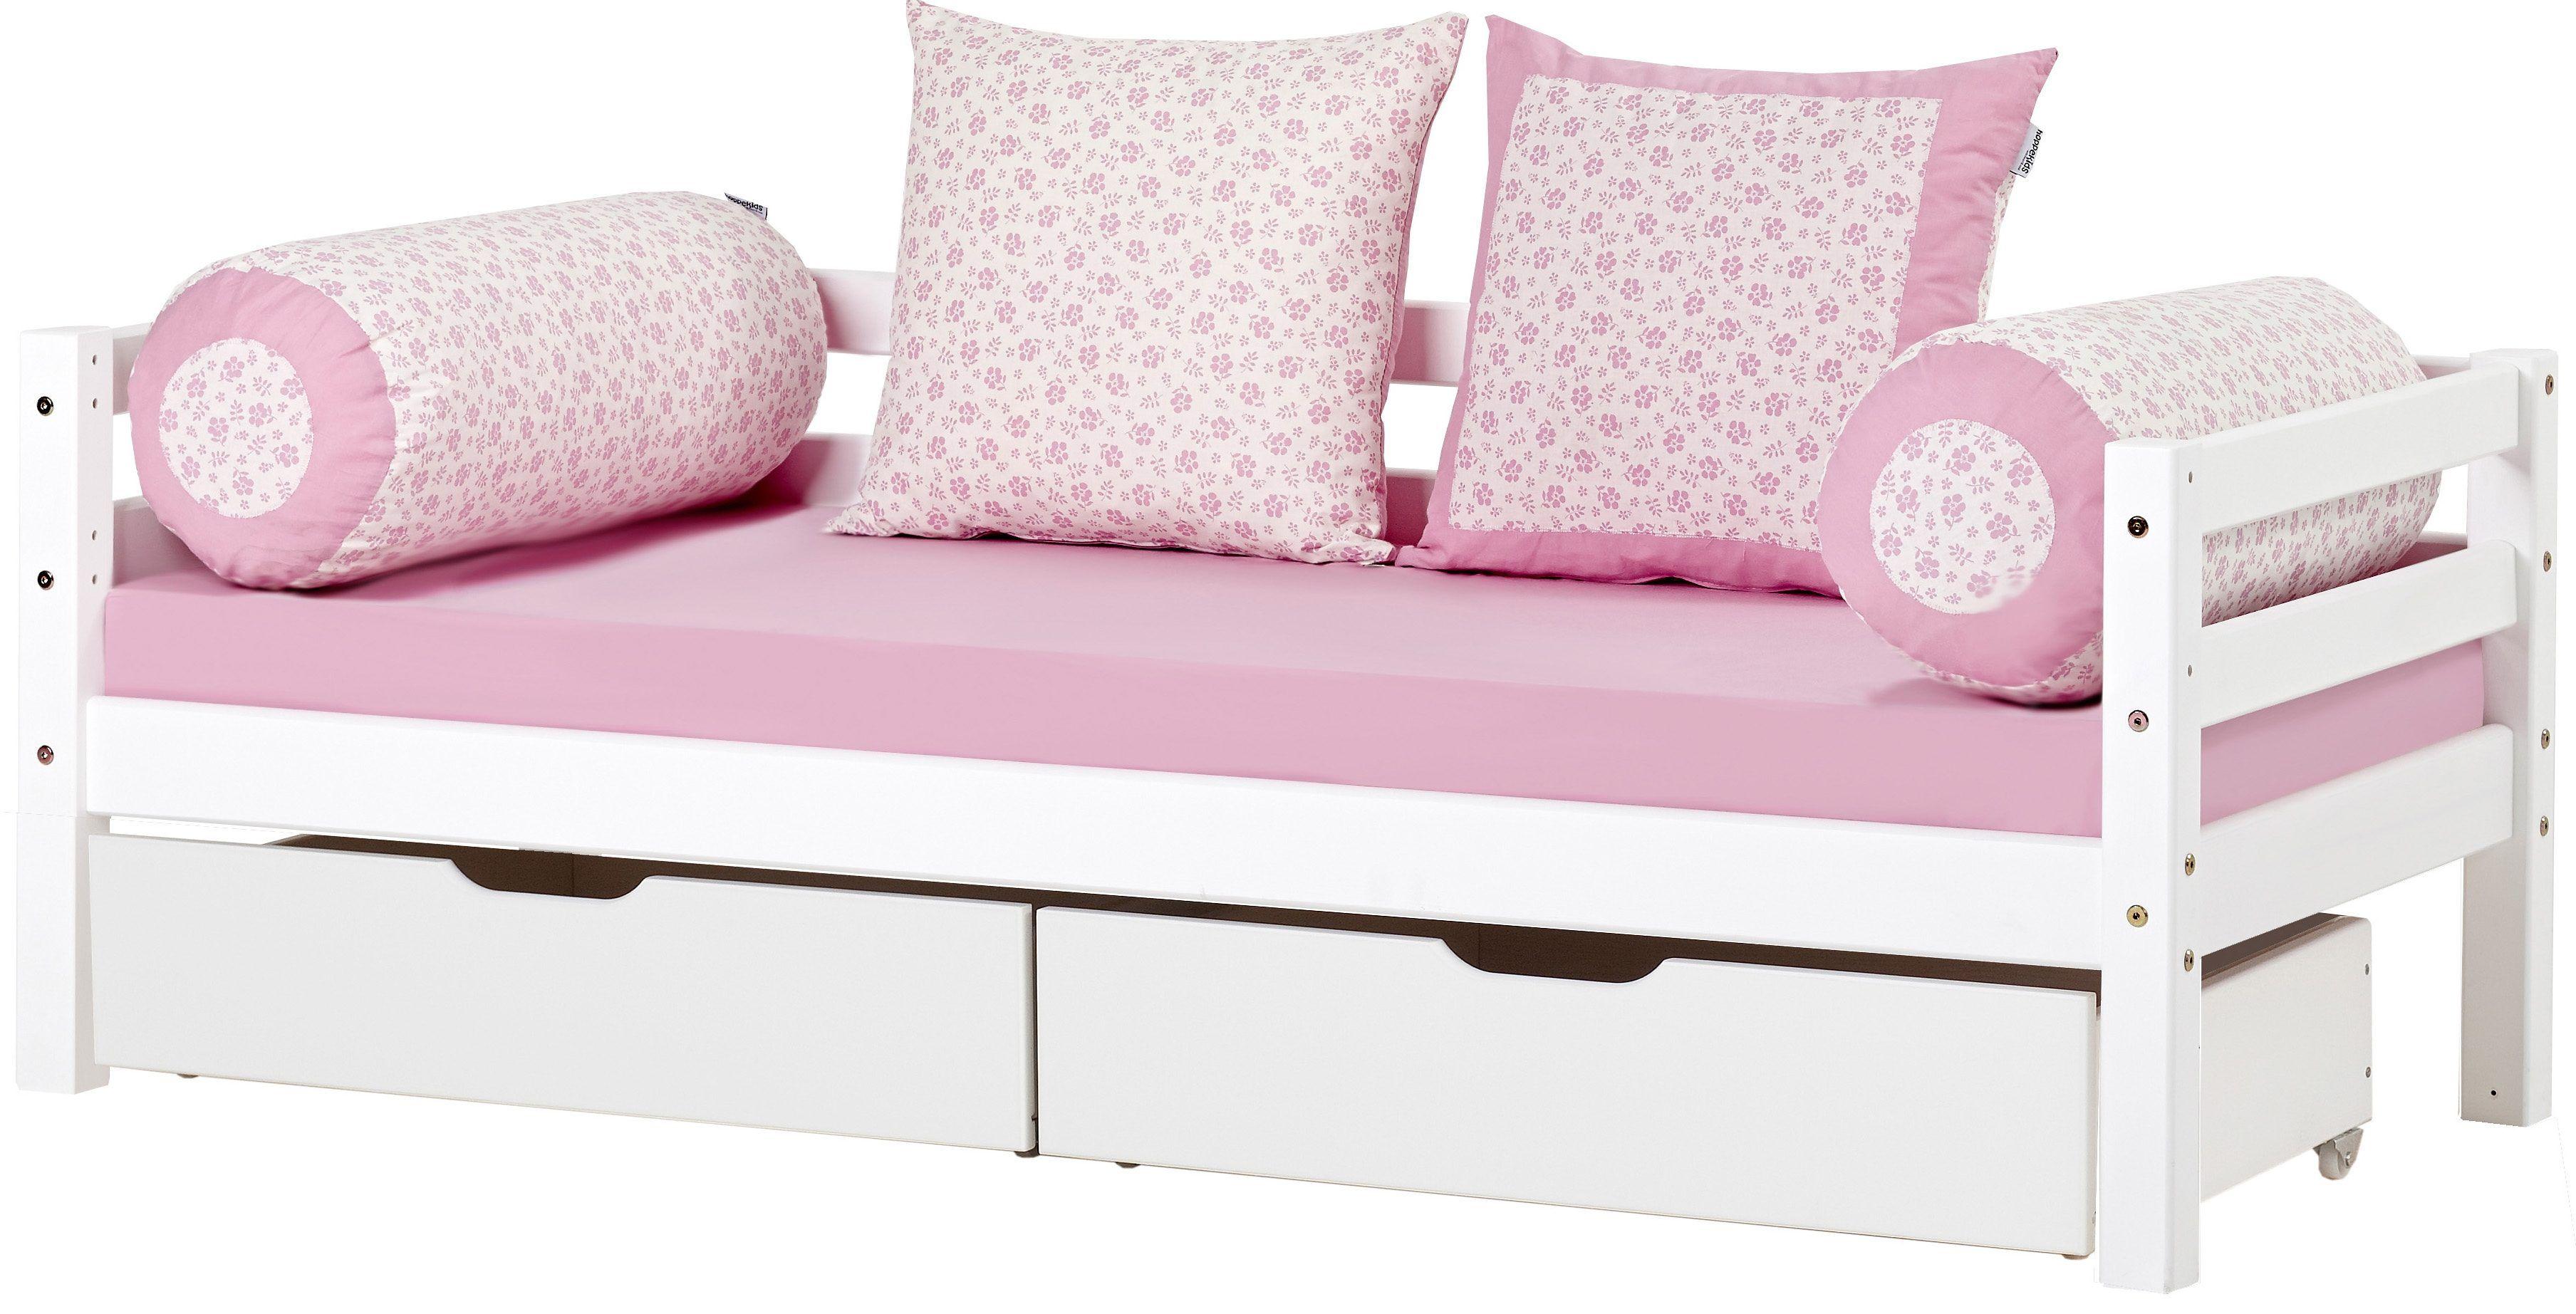 Sofabett kinderzimmer  Hoppekids Sofabett weiß, 70/160cm, »Romantik«, FSC®-zertifiziert ...